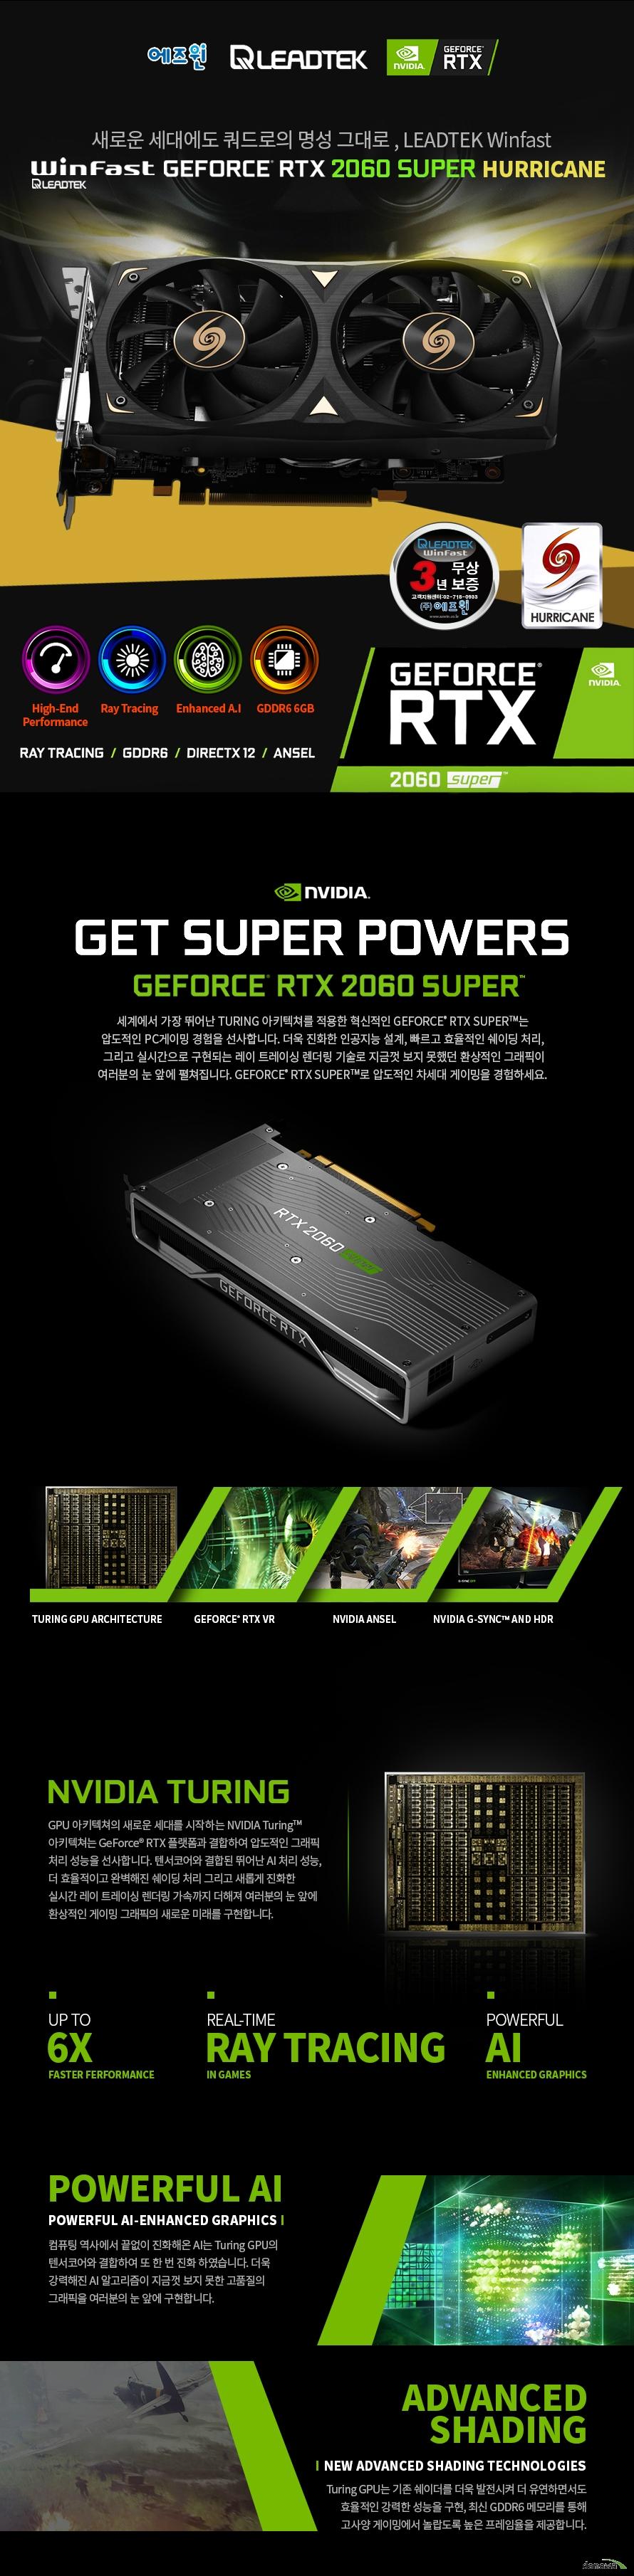 리드텍 Winfast 지포스 RTX 2060 SUPER D6 8G HURRICANE 에즈윈  쿠다 코어 개수 2176개 베이스 클럭 1470 메가헤르츠 부스트 클럭 1695 메가헤르츠  메모리 버스 256비트 메모리 타입 GDDR6 8기가바이트 메모리 클럭 14000 메가 헤르츠  디스플레이 포트 듀얼링크 DVI-D HDMI 2.0B 포트 1개 DP 1.4 포트 3개  최대 해상도  7680X4320 지원 최대 4대 멀티 디스플레이 지원  소비 전력 175와트 권장 전력 550와트 이상 8+6핀 전원 커넥터 사용  제품 크기  길이 214밀리미터 넓이 117밀리미터 두께 2슬롯  지원 KC 인증번호 R-R-ASW-LTRTX-2060SUPER 쿨링 시스템  85밀리미터 듀얼 쿨링 팬 알루미늄 히트싱크 6밀리미터 구리 히트 파이프 4개